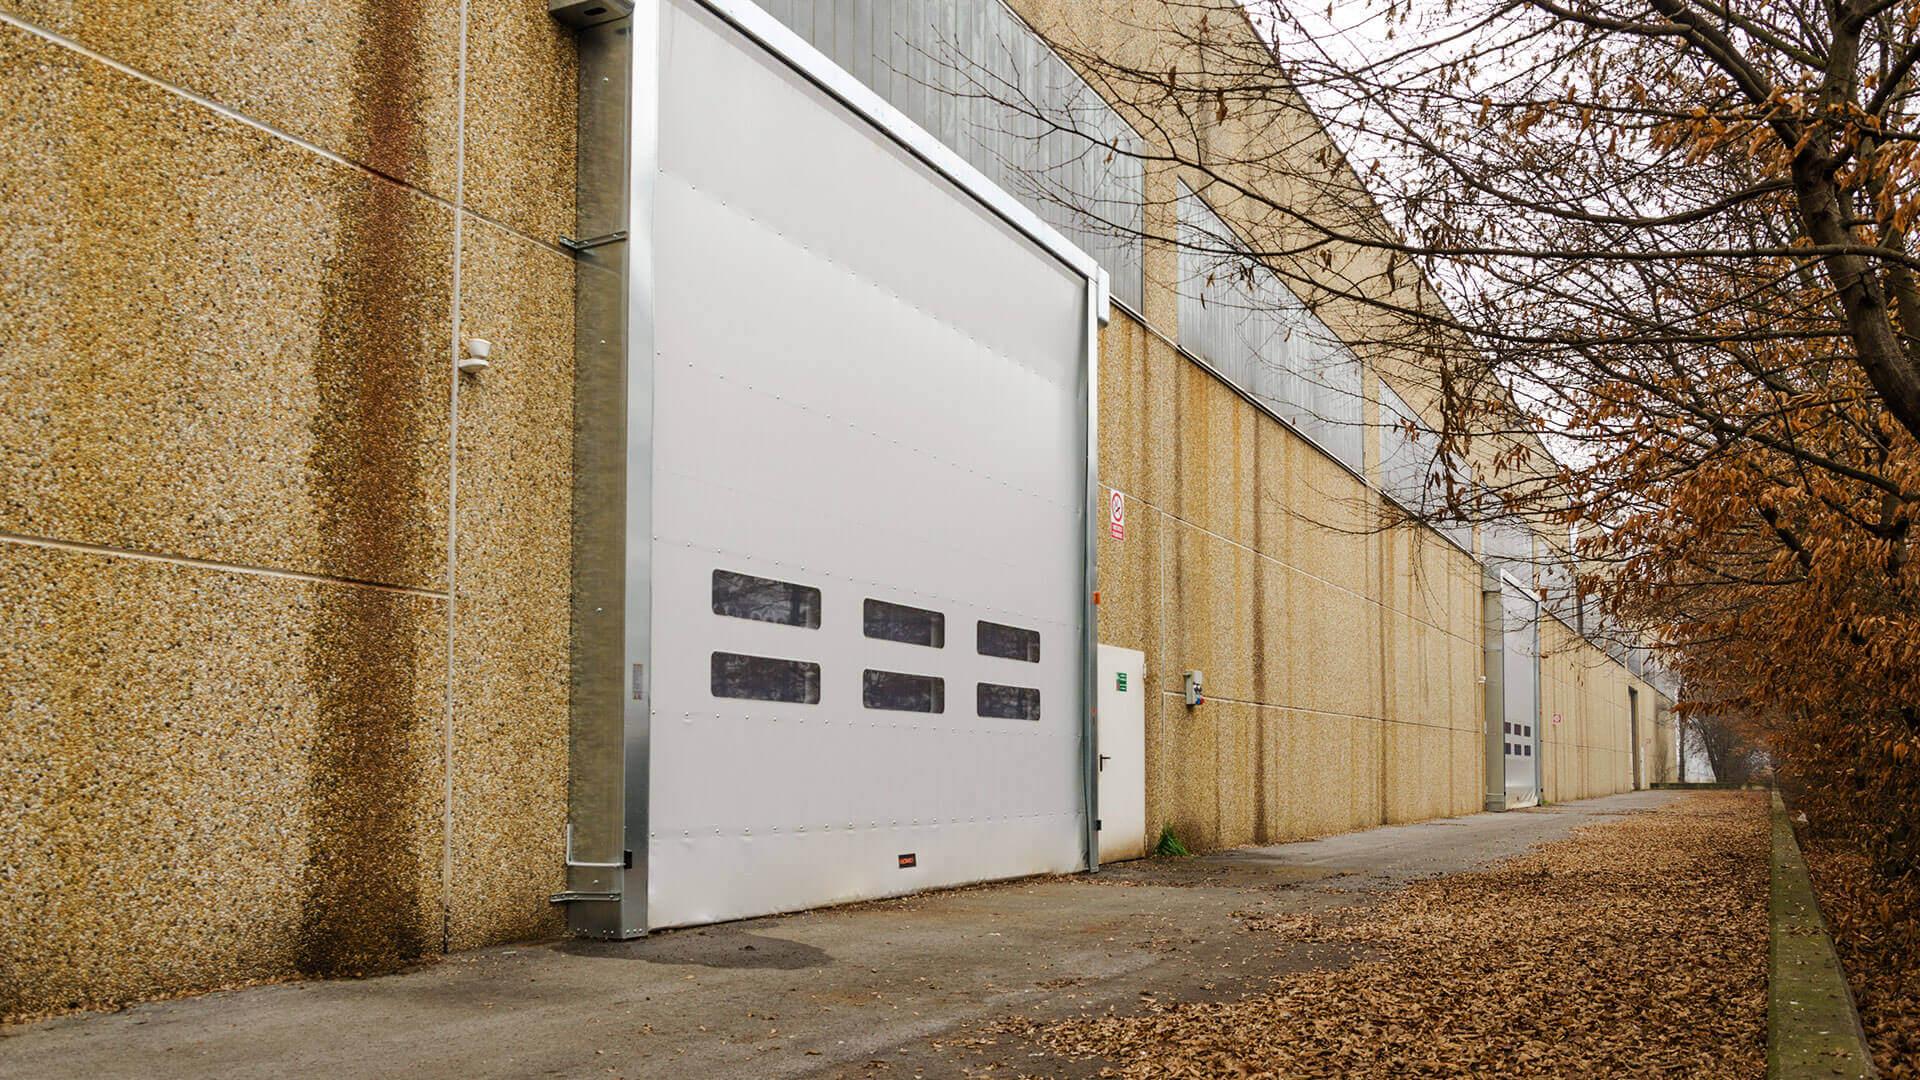 luciano porte pvc, porte rapide pvc, porte industriali, luciano chiusure